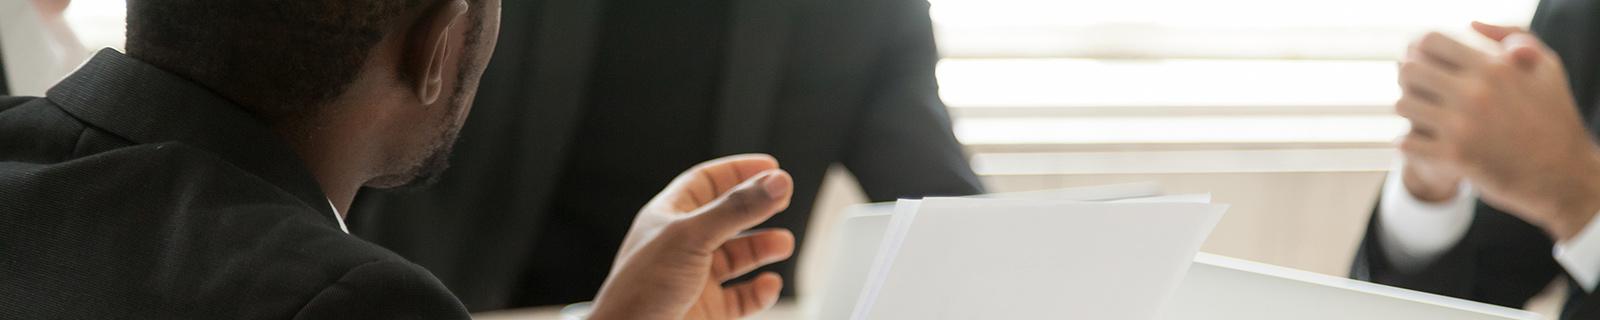 Man speaking in a meeting